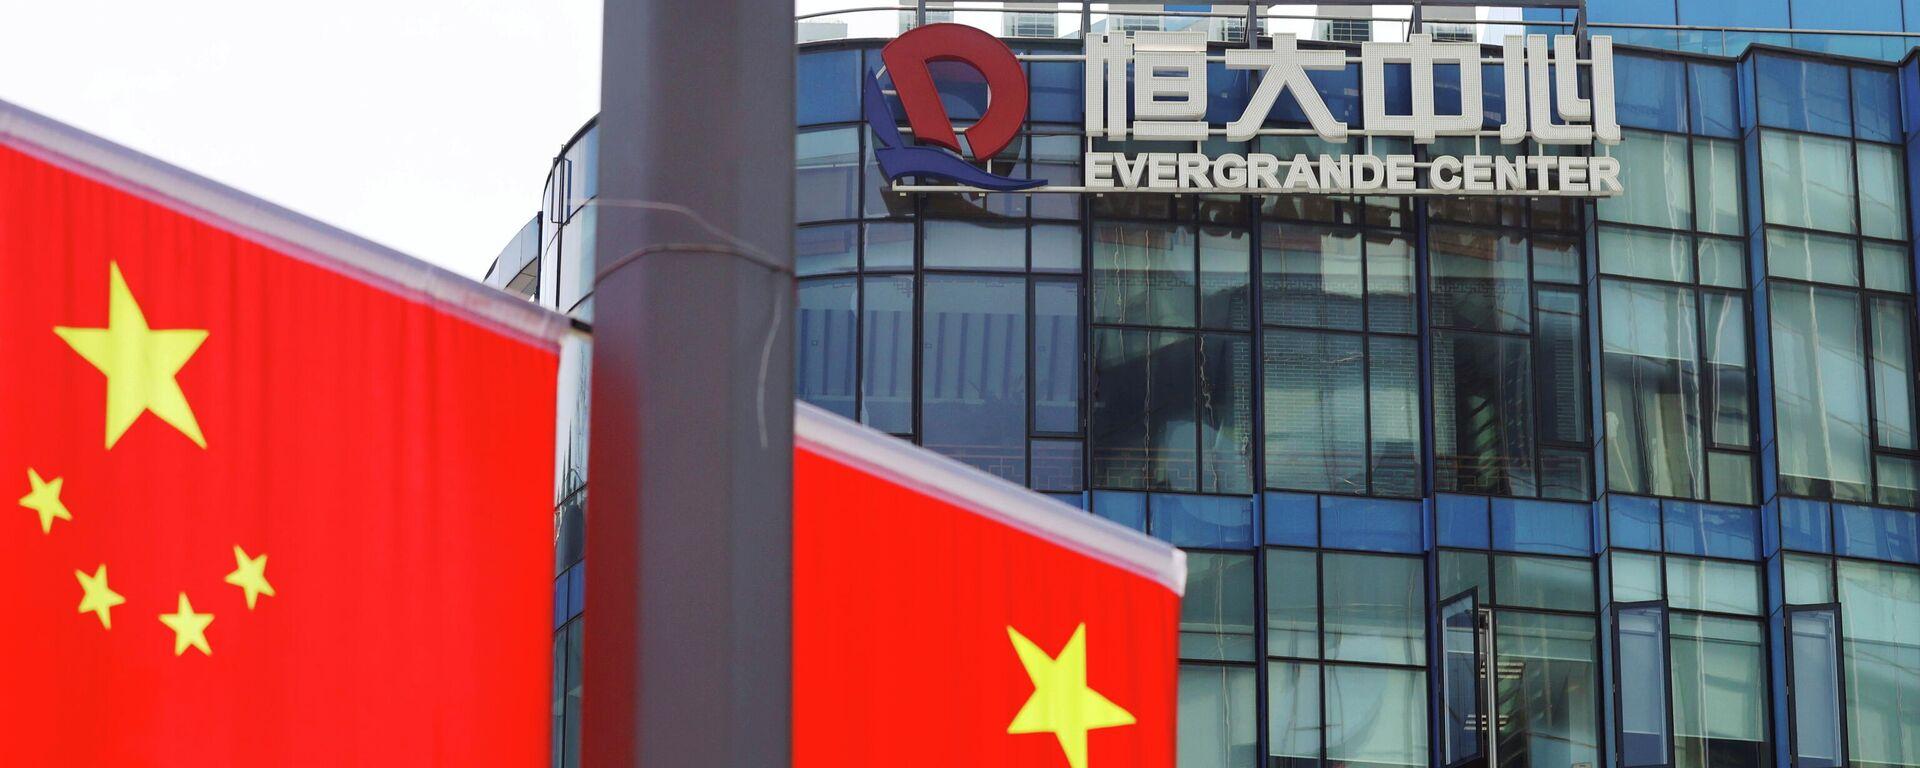 Las banderas de china junto al logo de Evergrande - Sputnik Mundo, 1920, 24.09.2021